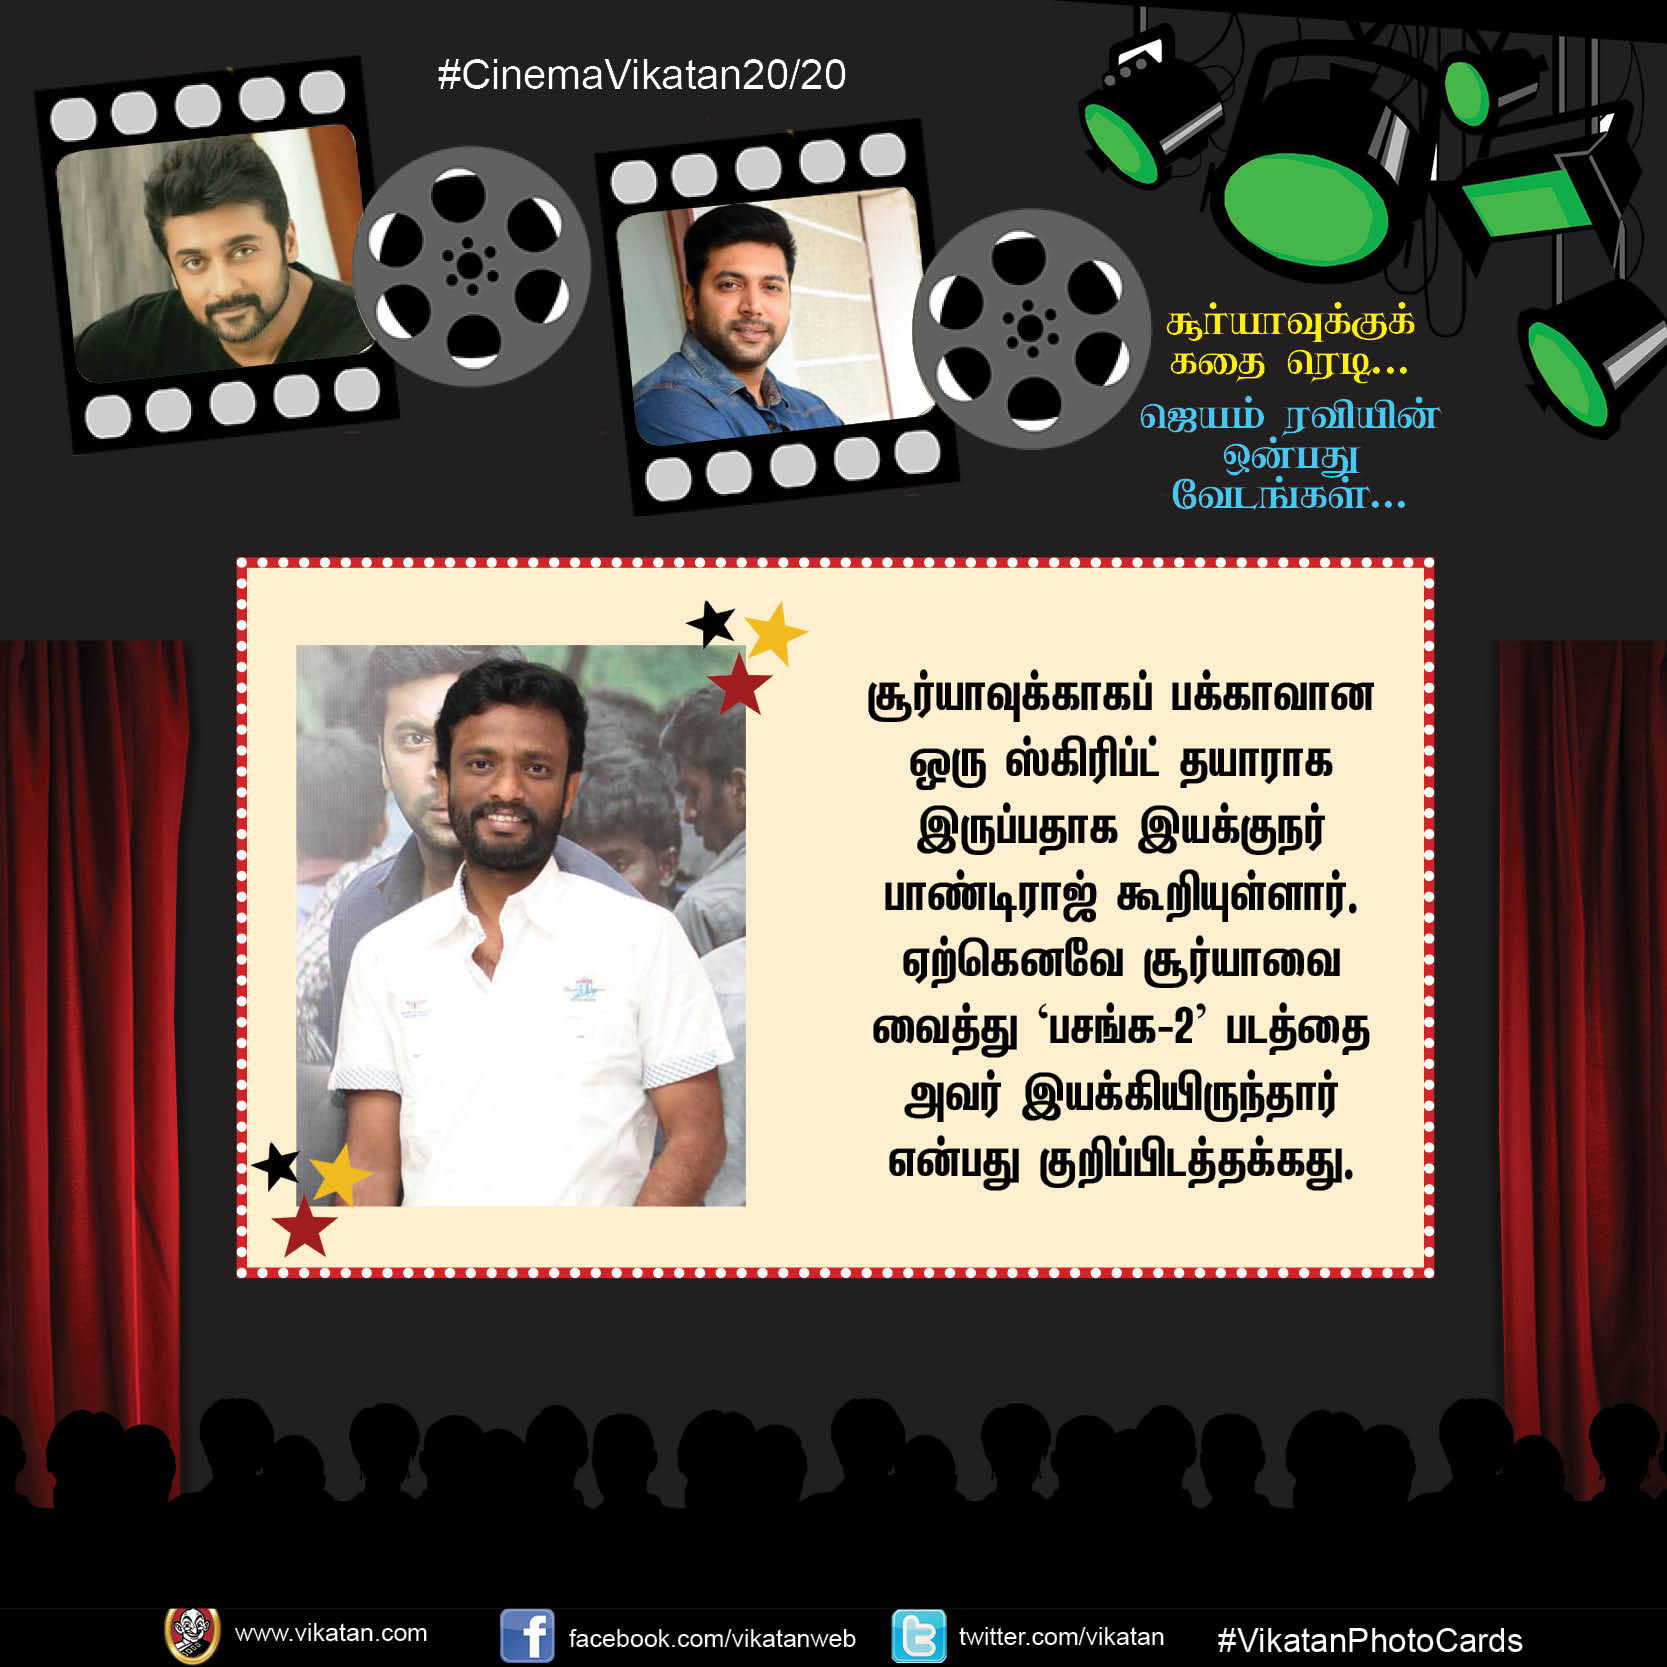 சூர்யாவுக்குக் கதை ரெடி... ஜெயம் ரவியின் ஒன்பது வேடங்கள்... #Cinema2020